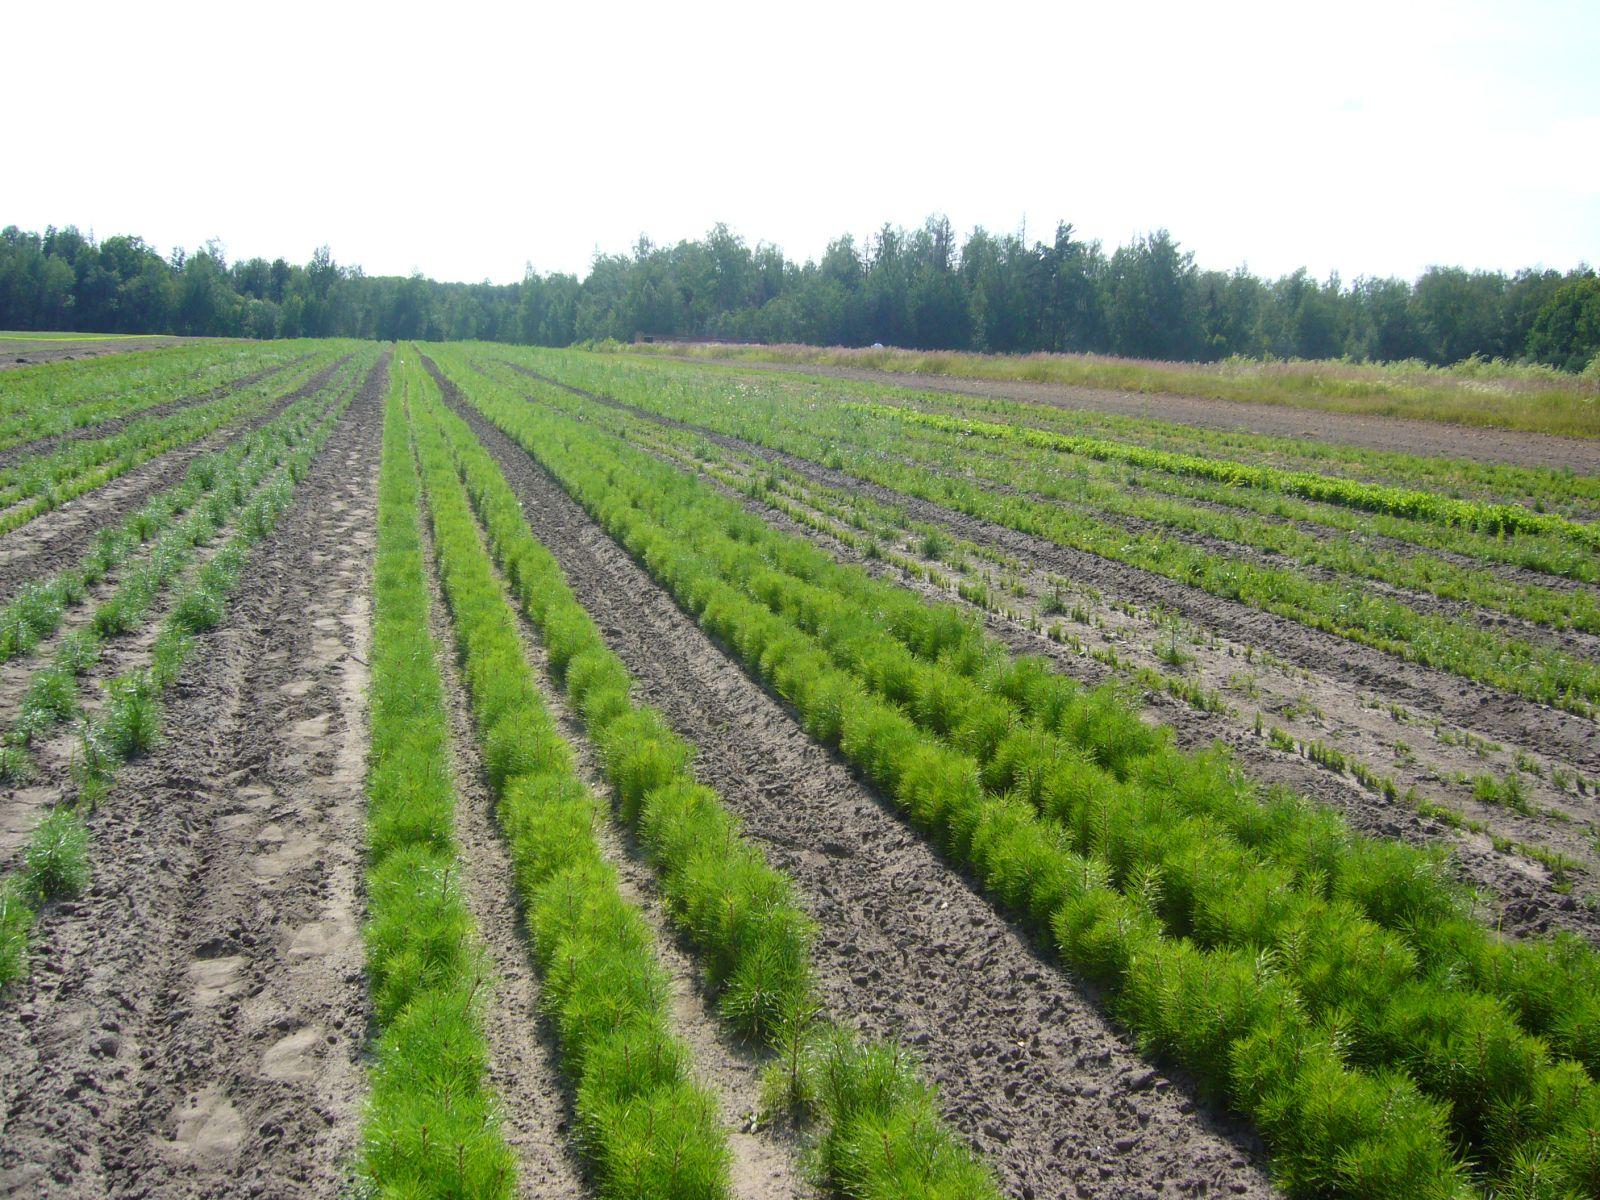 фото посева лесного питомника изготовлении используются